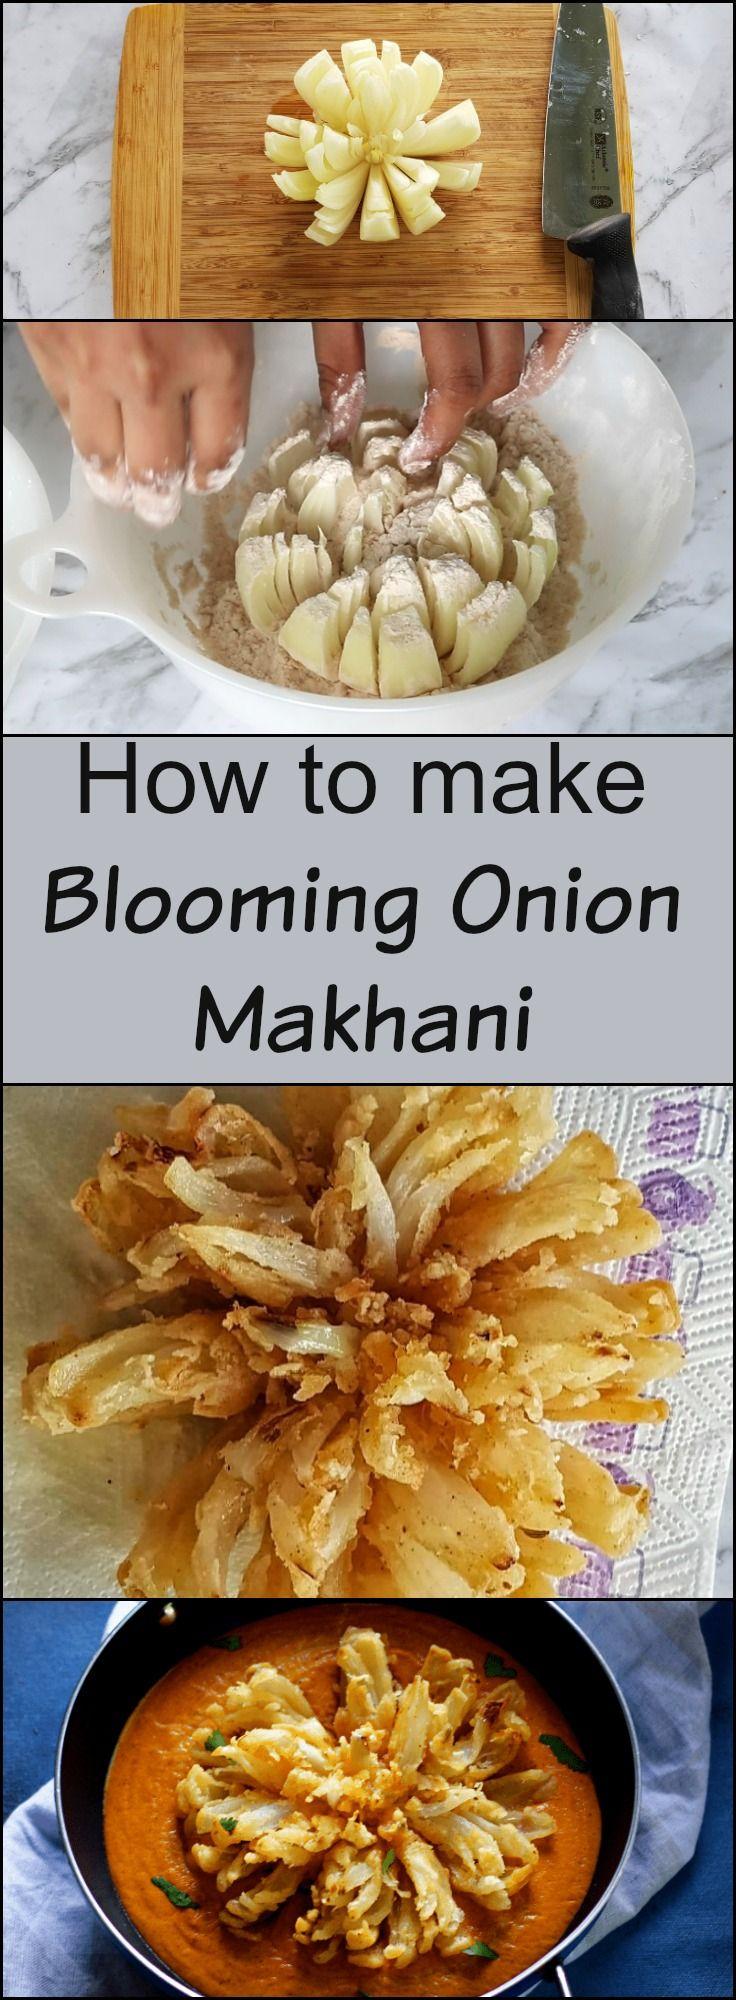 Blooming Onion Makhani